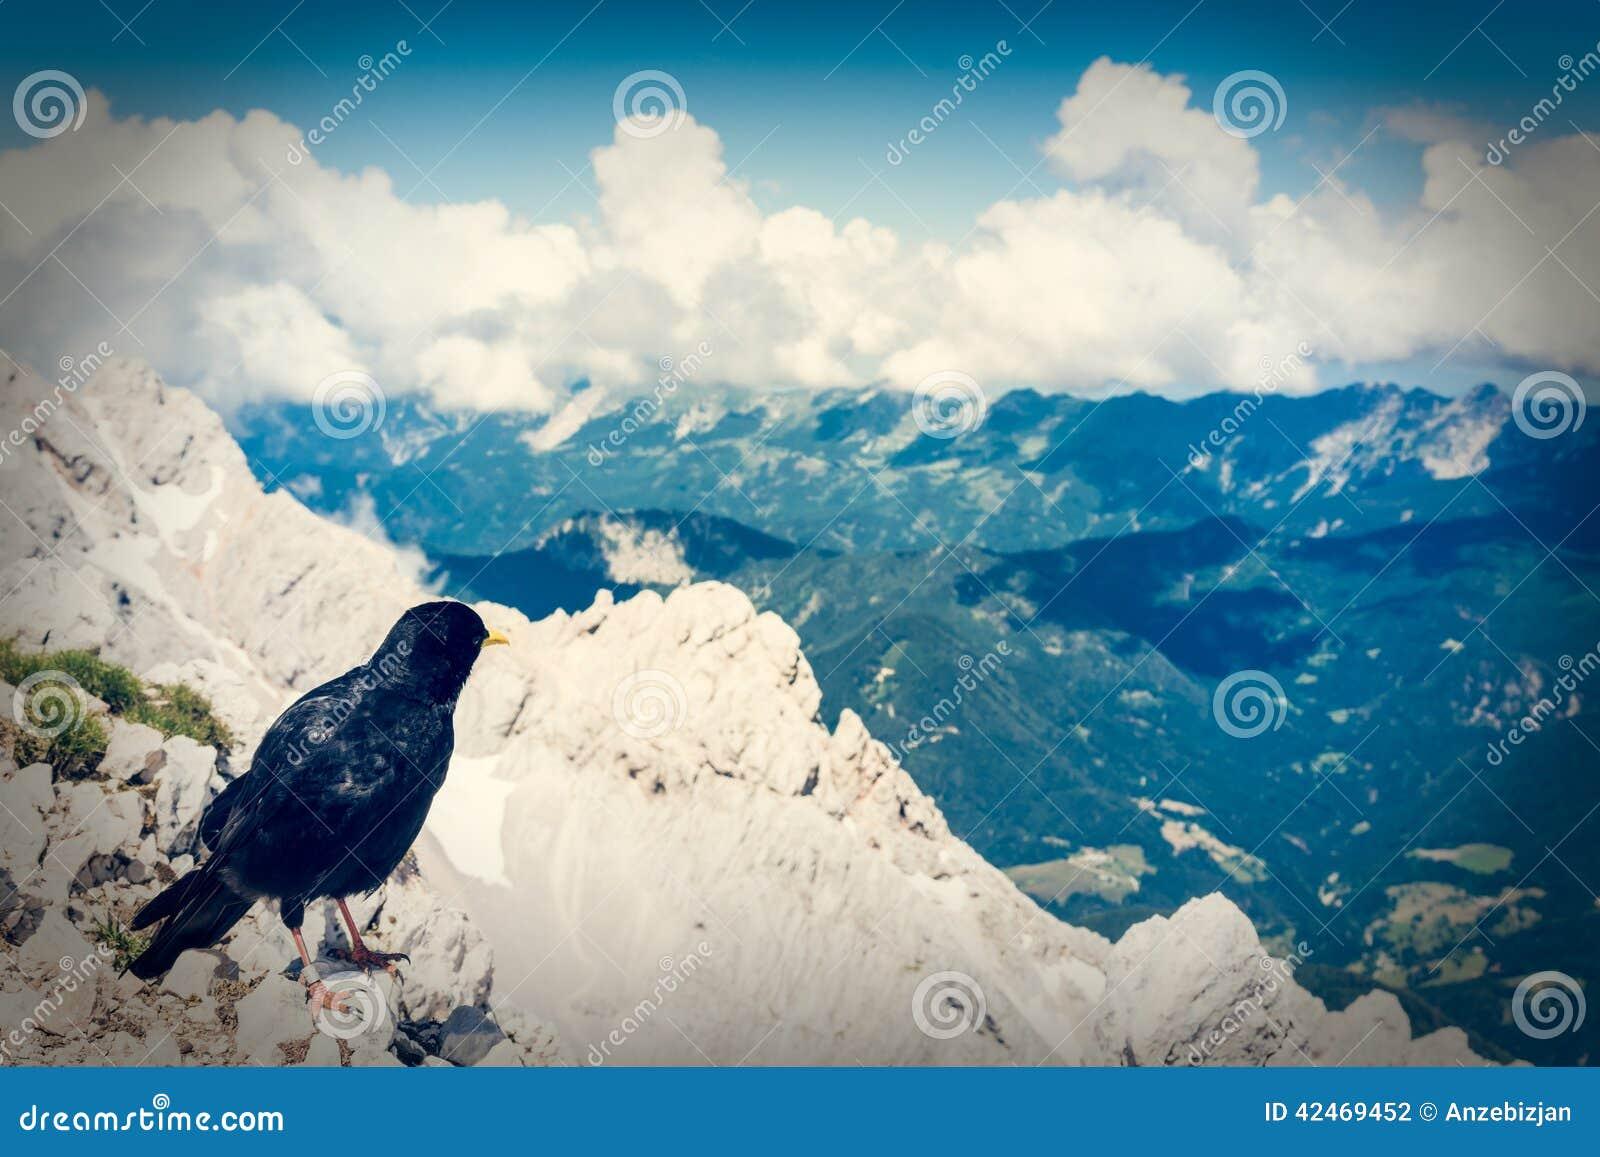 Alpendohle, die auf einem Felsen sitzt